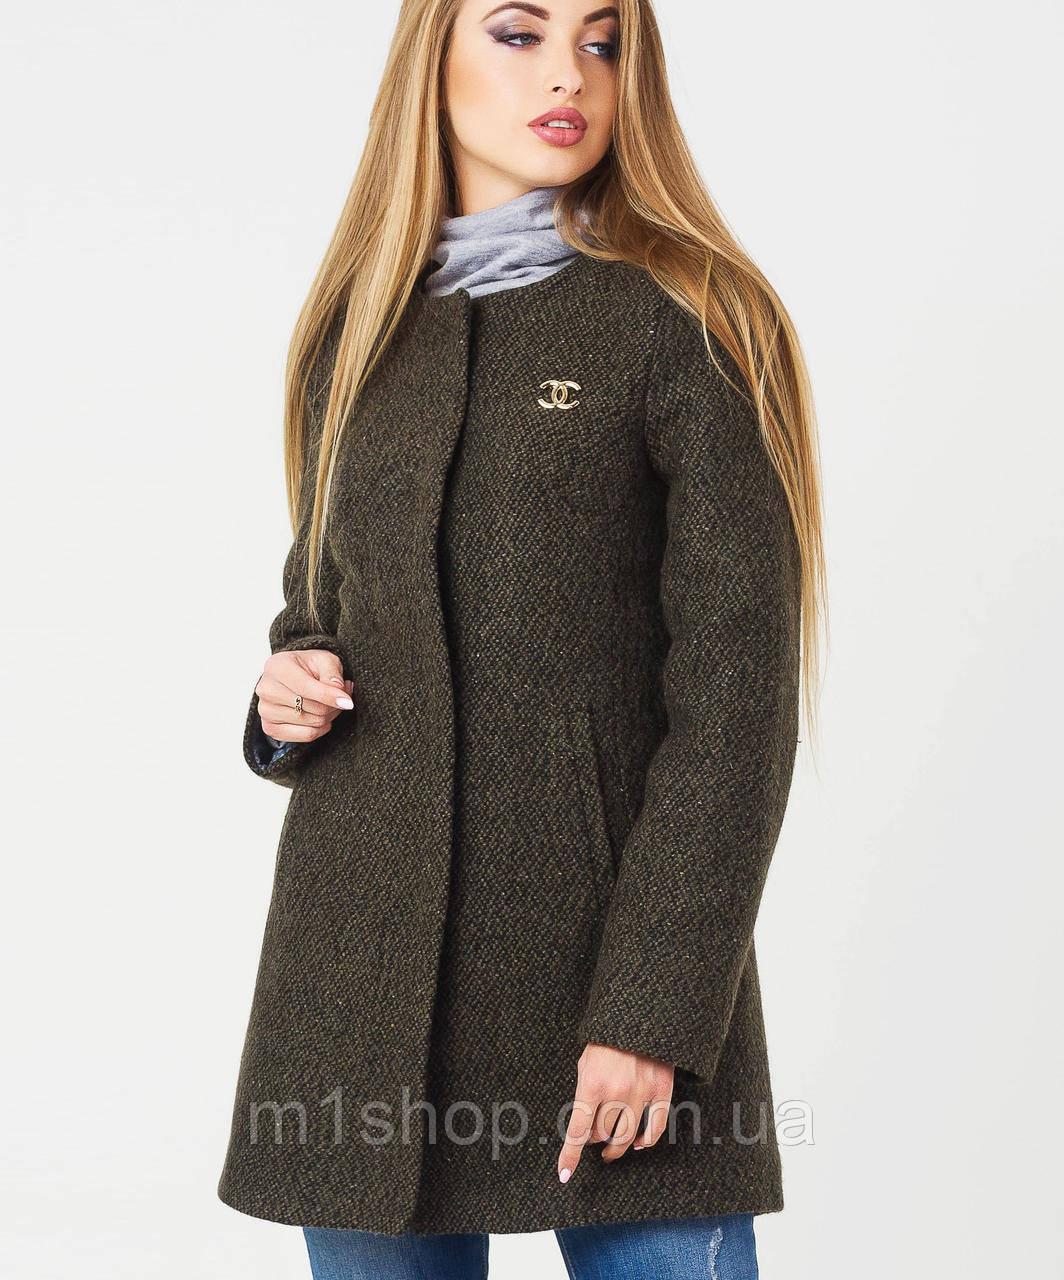 540f4014443a Зимнее женское драповое пальто (Хелен зима leo) - « m1shop » женская одежда  в